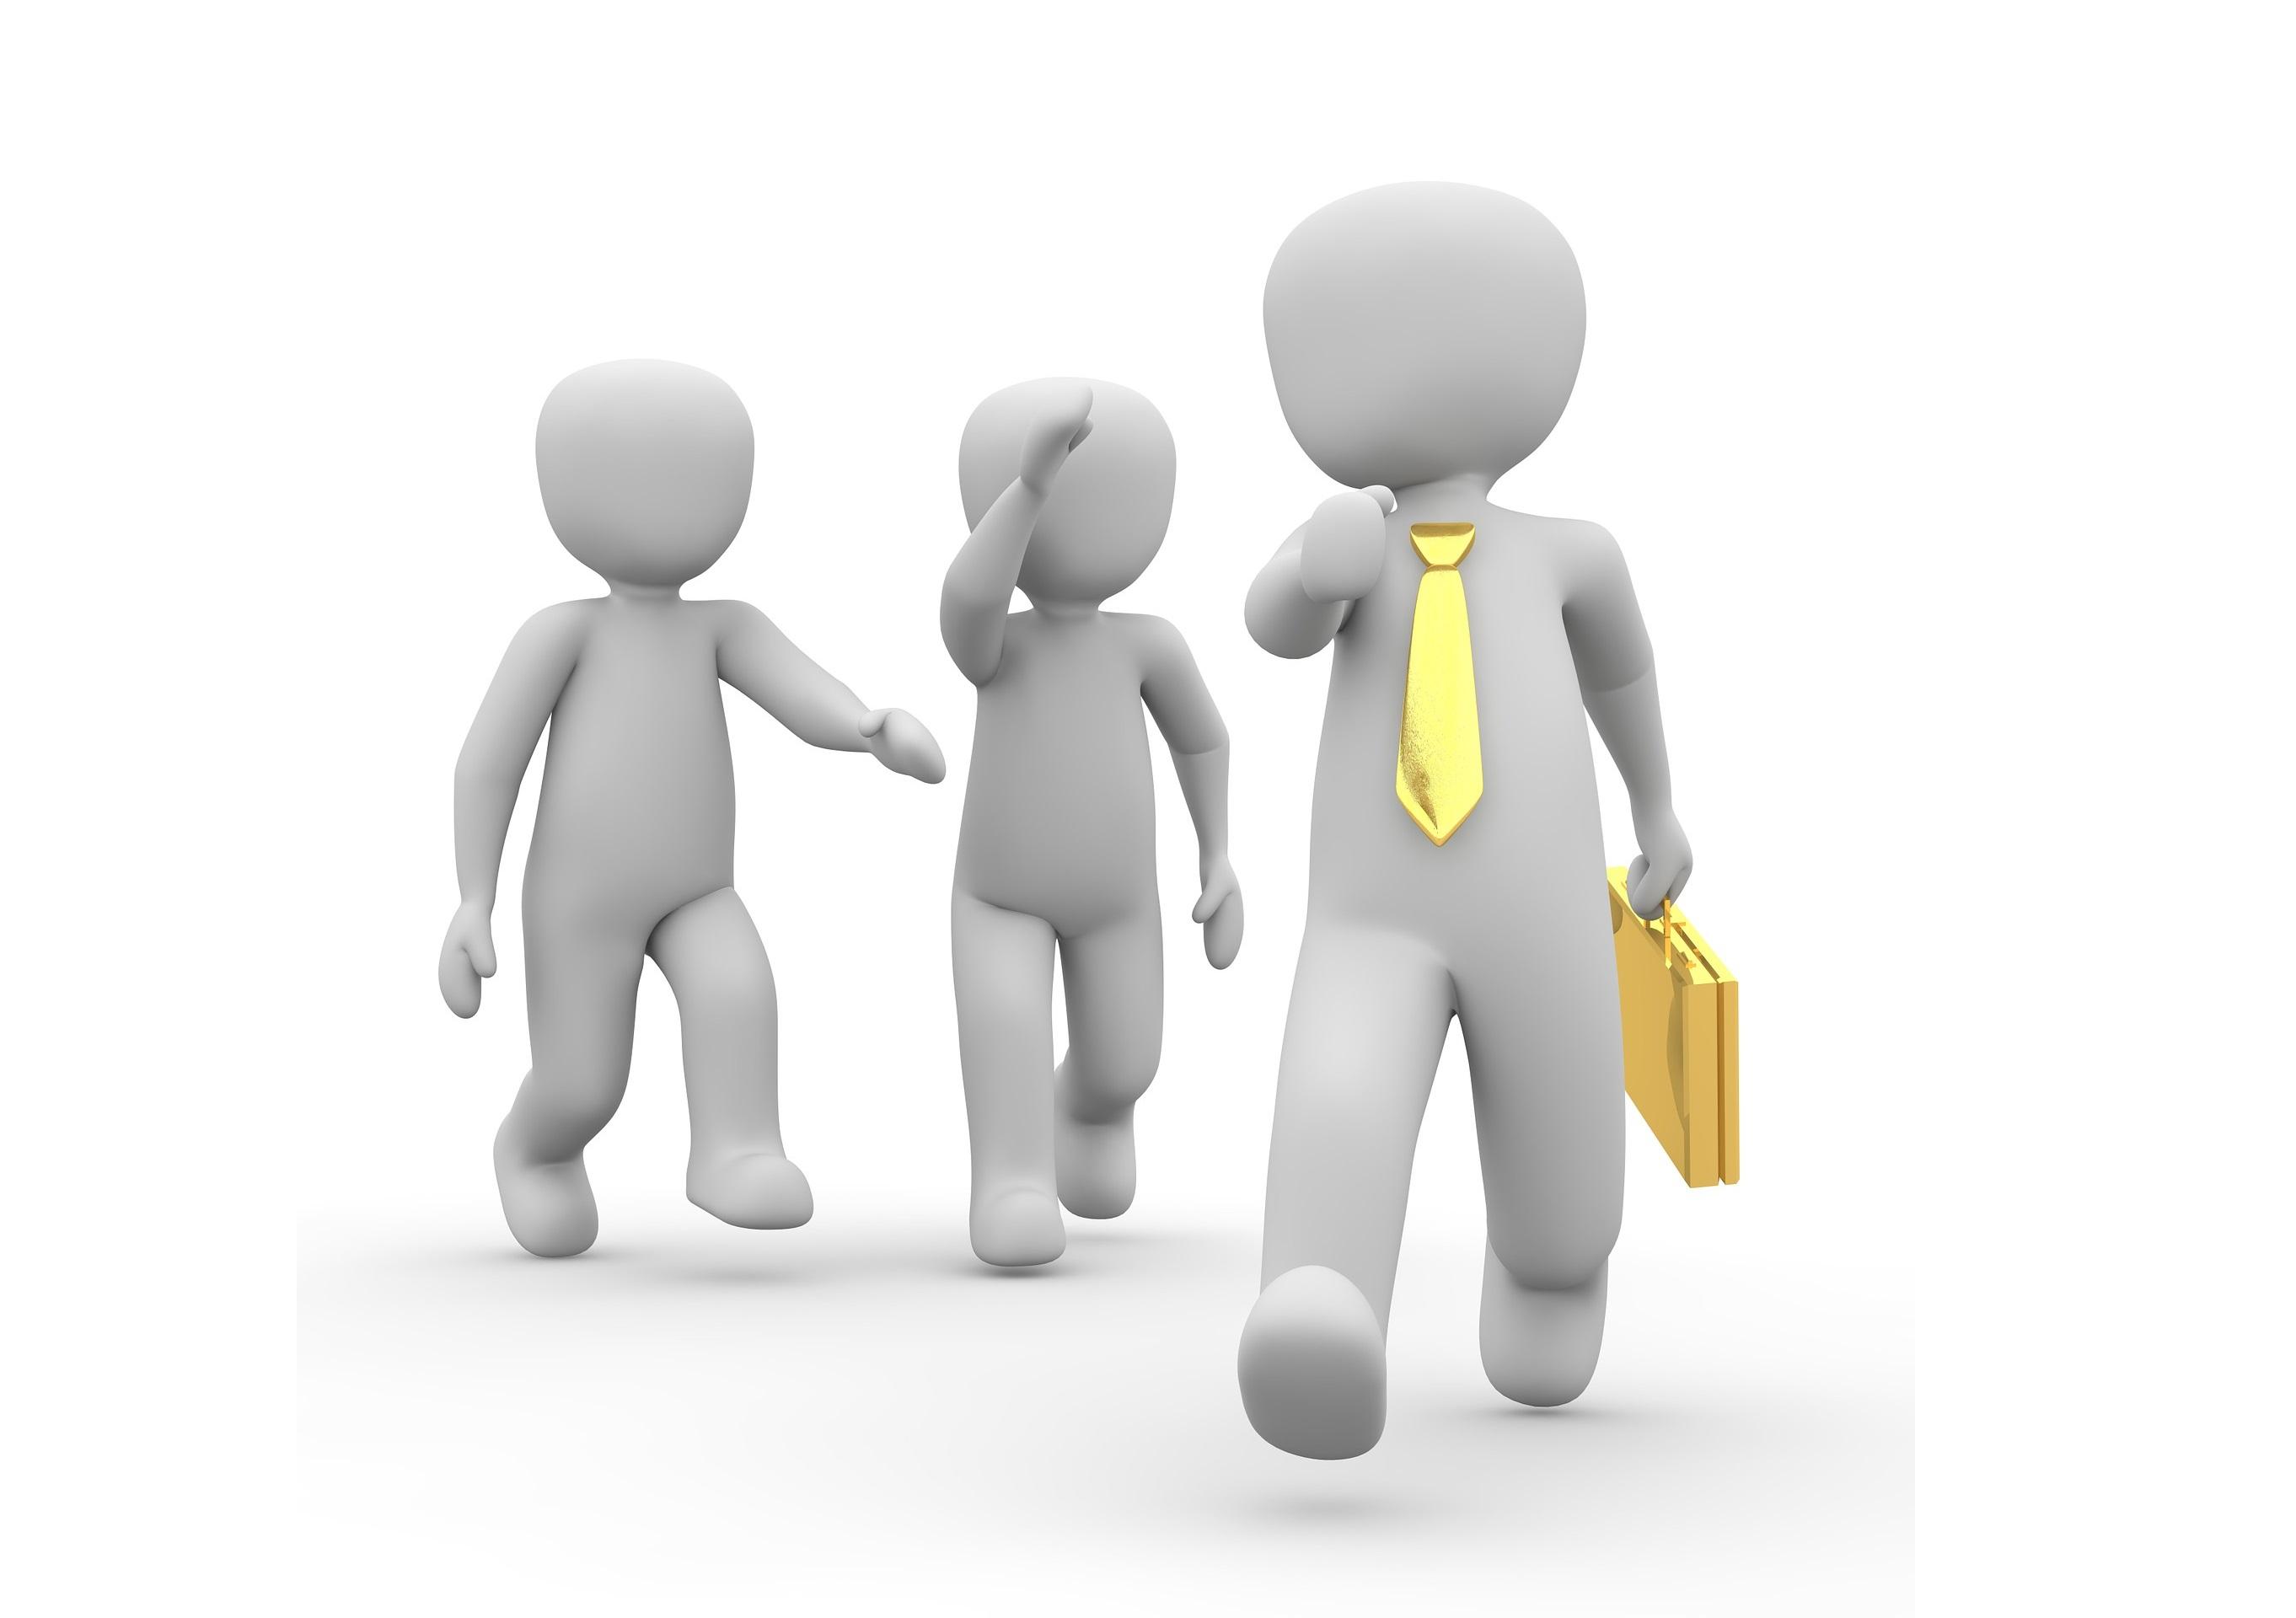 Szkolenie dla wnioskodawców LGR Bielska Kraina